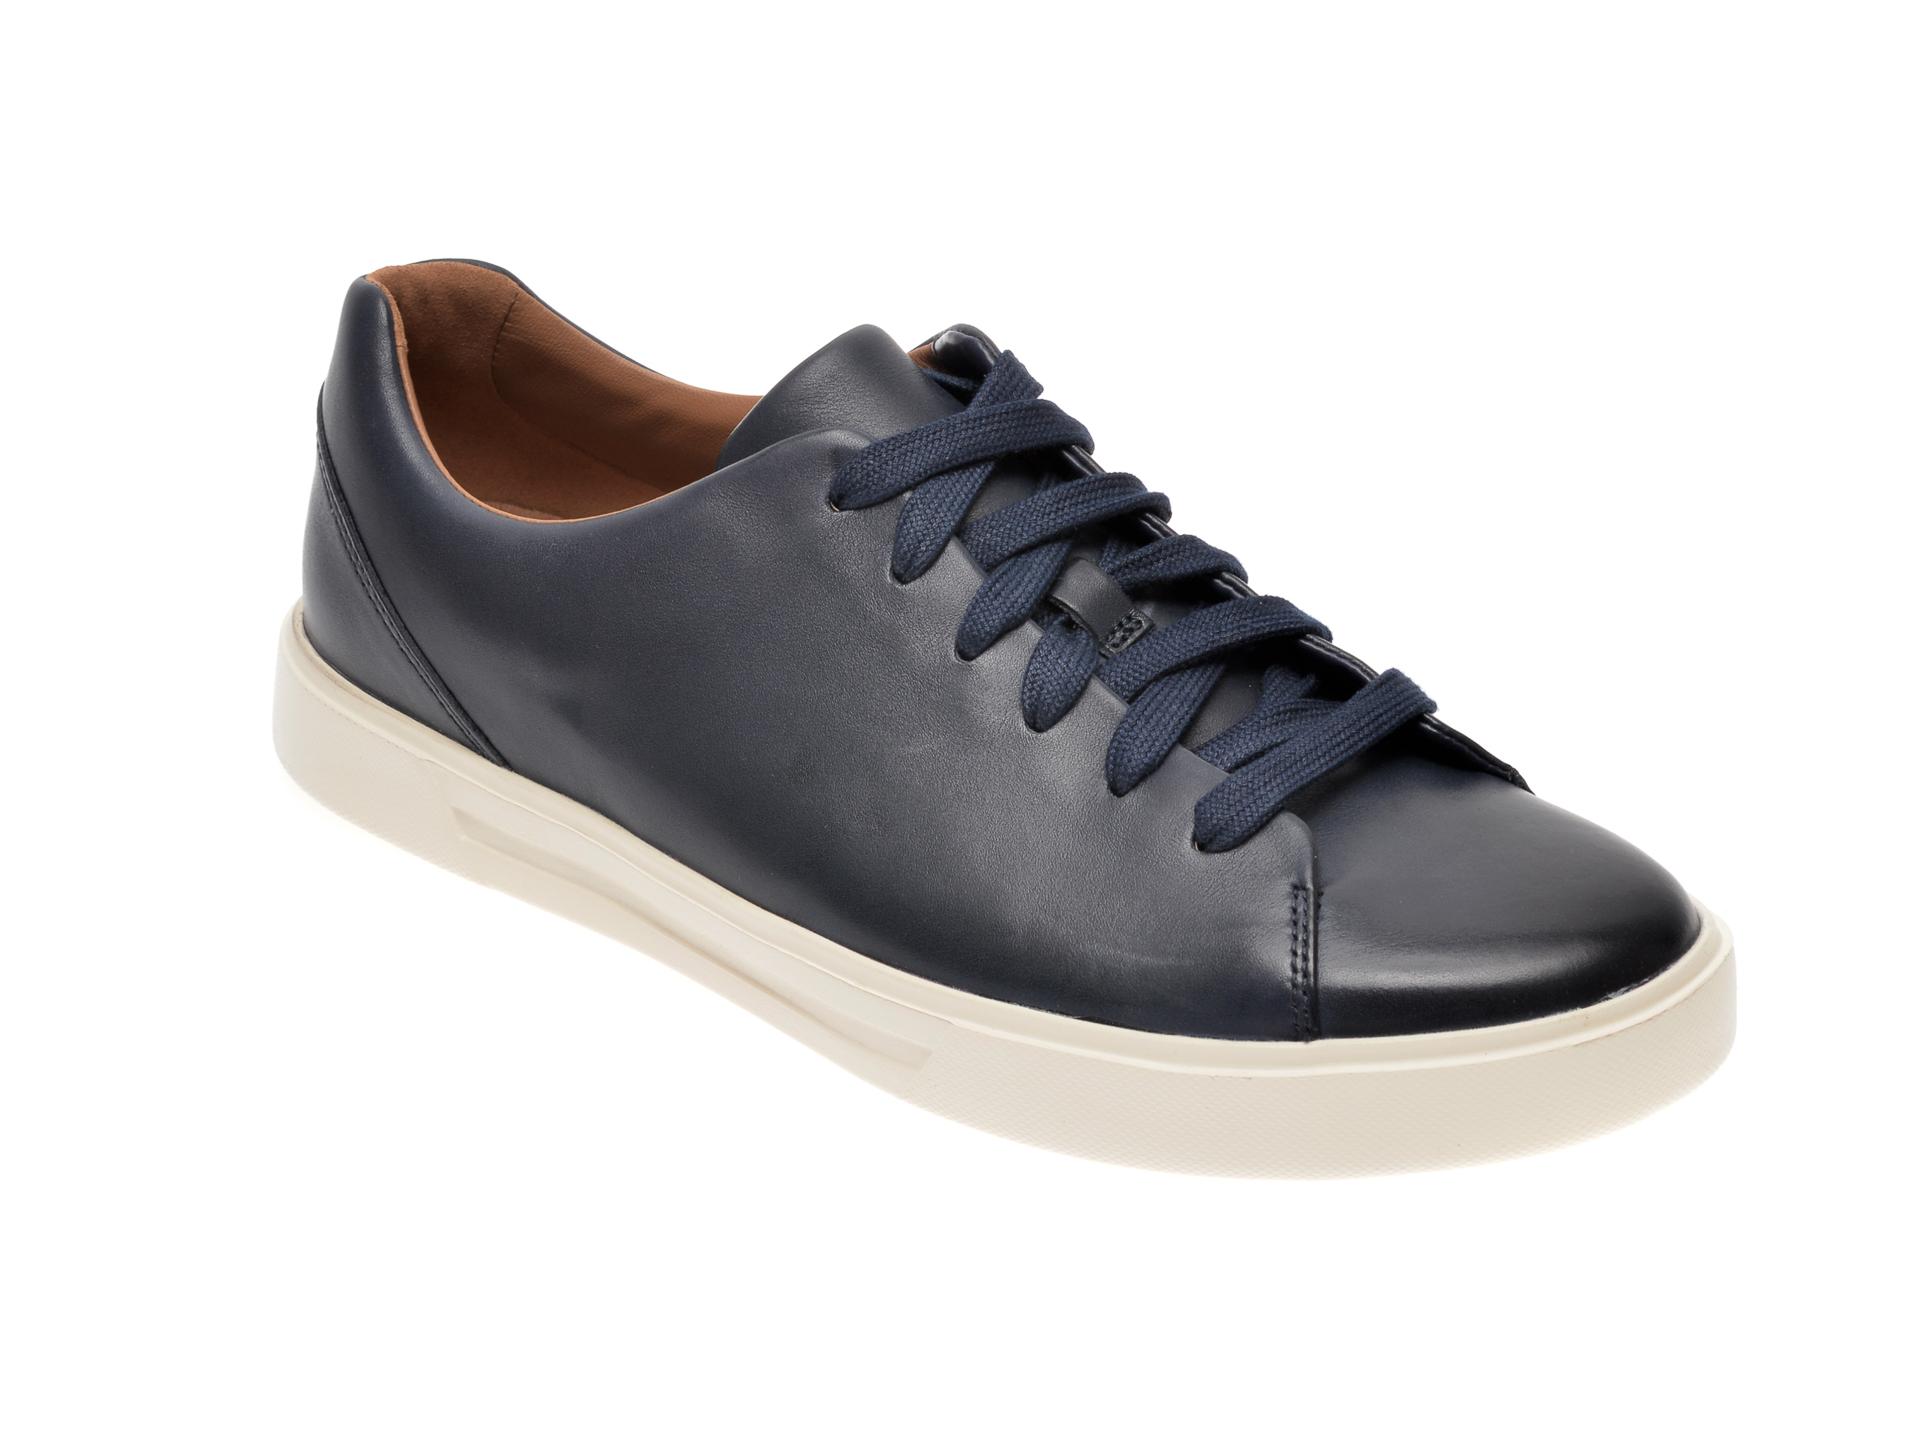 Pantofi CLARKS bleumarin, Un Costa Lace, din piele naturala New